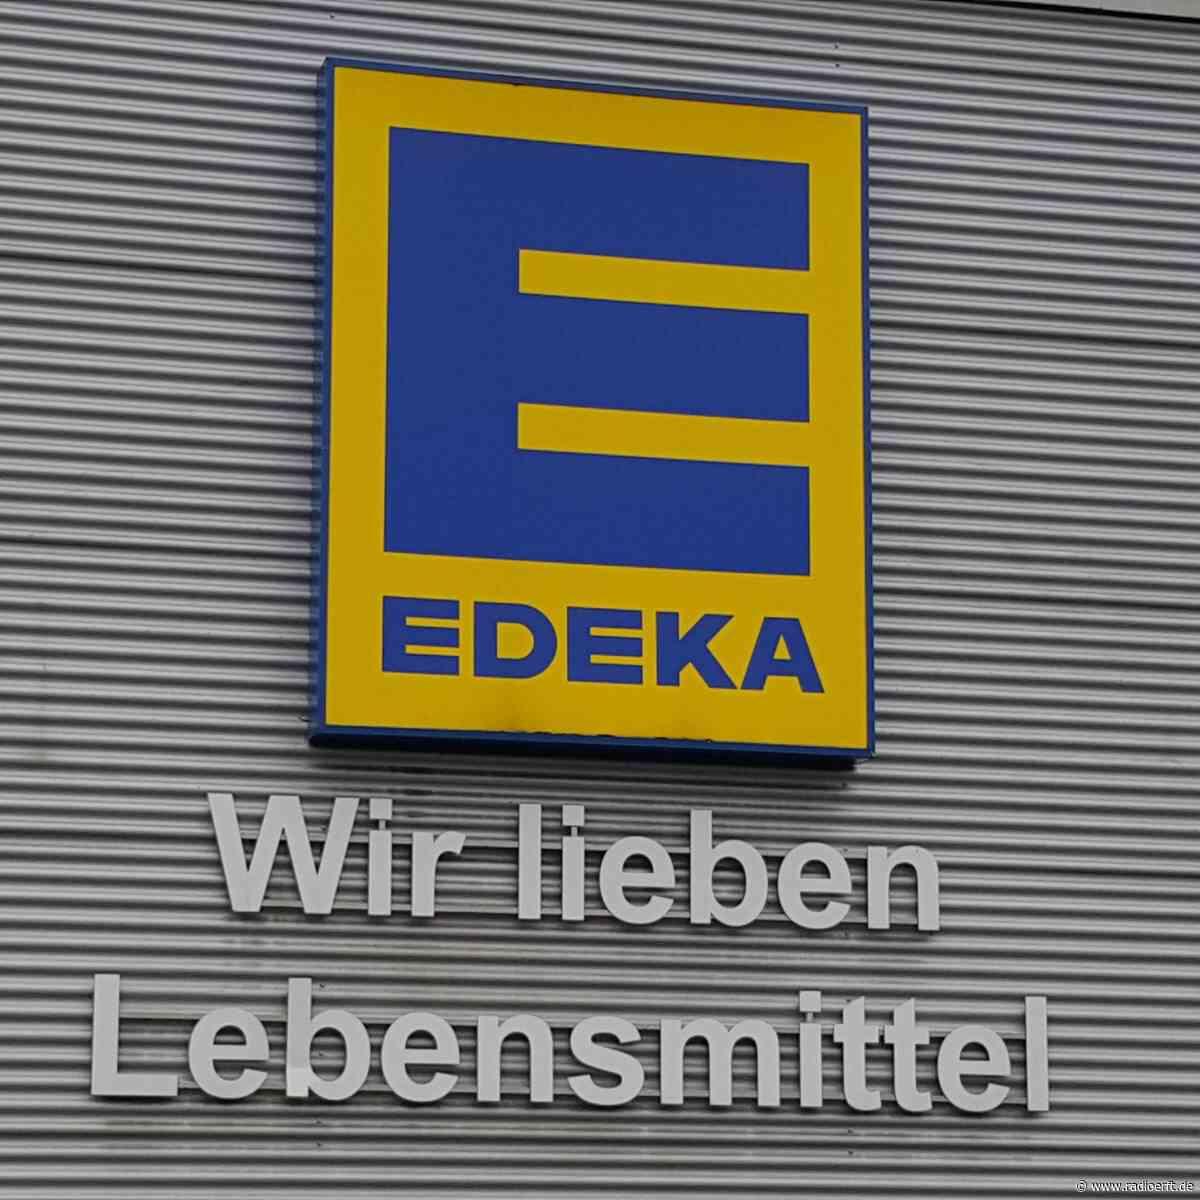 Wesseling: Neuer Supermarkt in Berzdorf im kommenden Jahr - radioerft.de